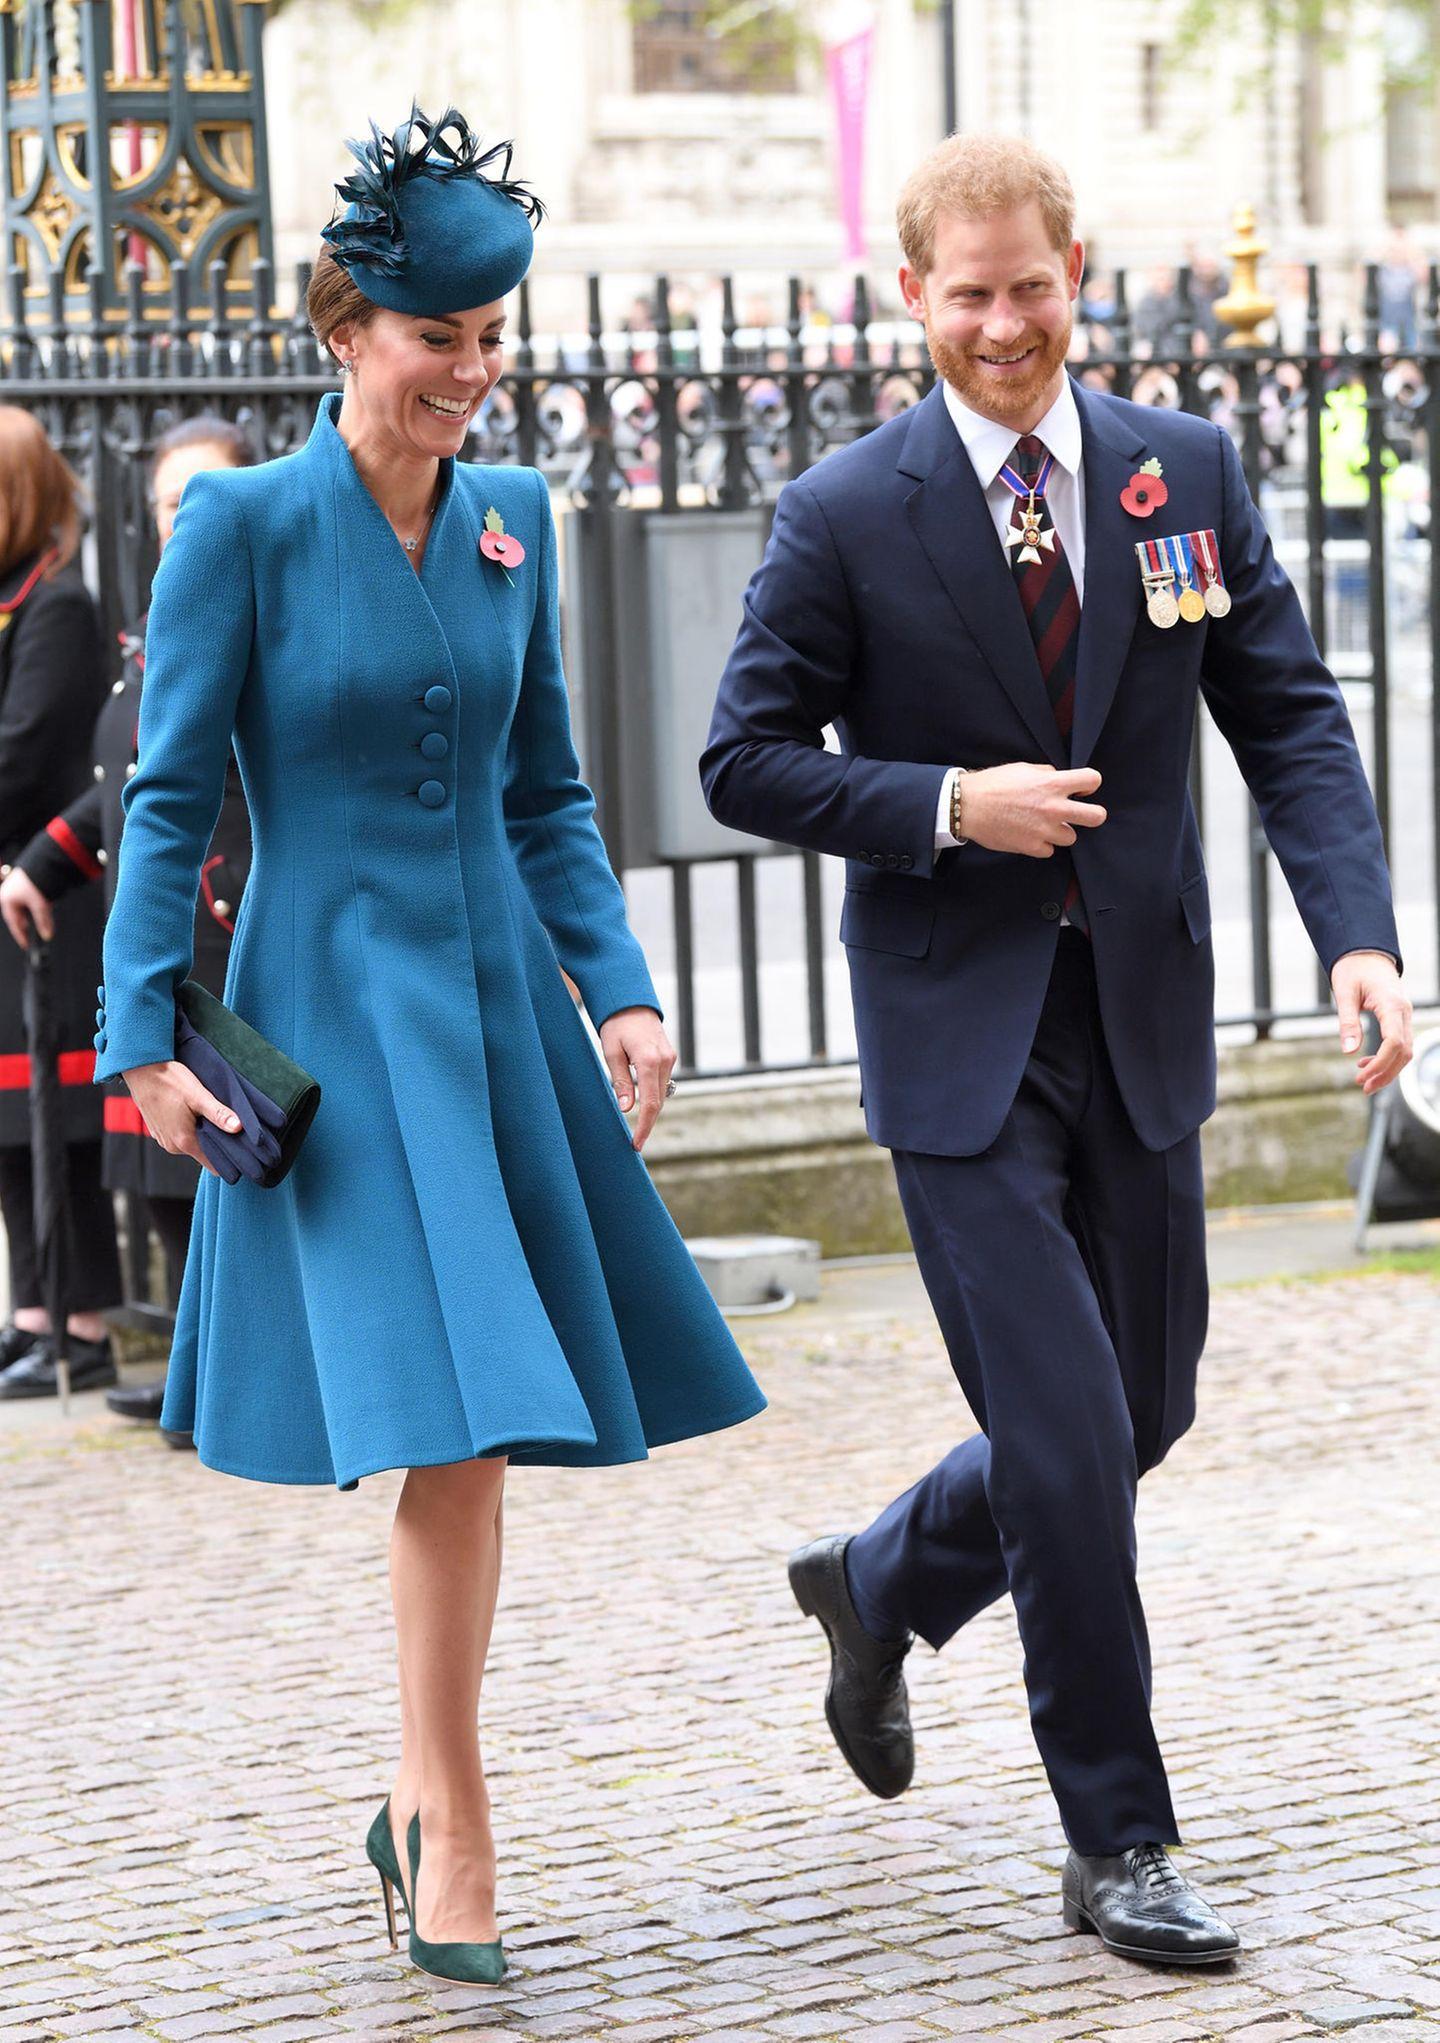 25. April 2019  Seltener Anblick: Die Herzogin von Cambridge und der Herzog von Sussex sind als Duo unterwegs. Während Prinz William Termine in Neuseeland absolviert und Herzogin Meghan in der Babypause weilt, besuchen Kate und Harry einen Gottesdienst in der Westminster Abbey anlässlich des Anzac Day.  Bilder der beiden Royalszeigen: Sie lachen, sind entspannt. Das bleibt auch so, als die beiden in der Kirche miteinander agieren. Angespannte Stimmung - Fehlanzeige!